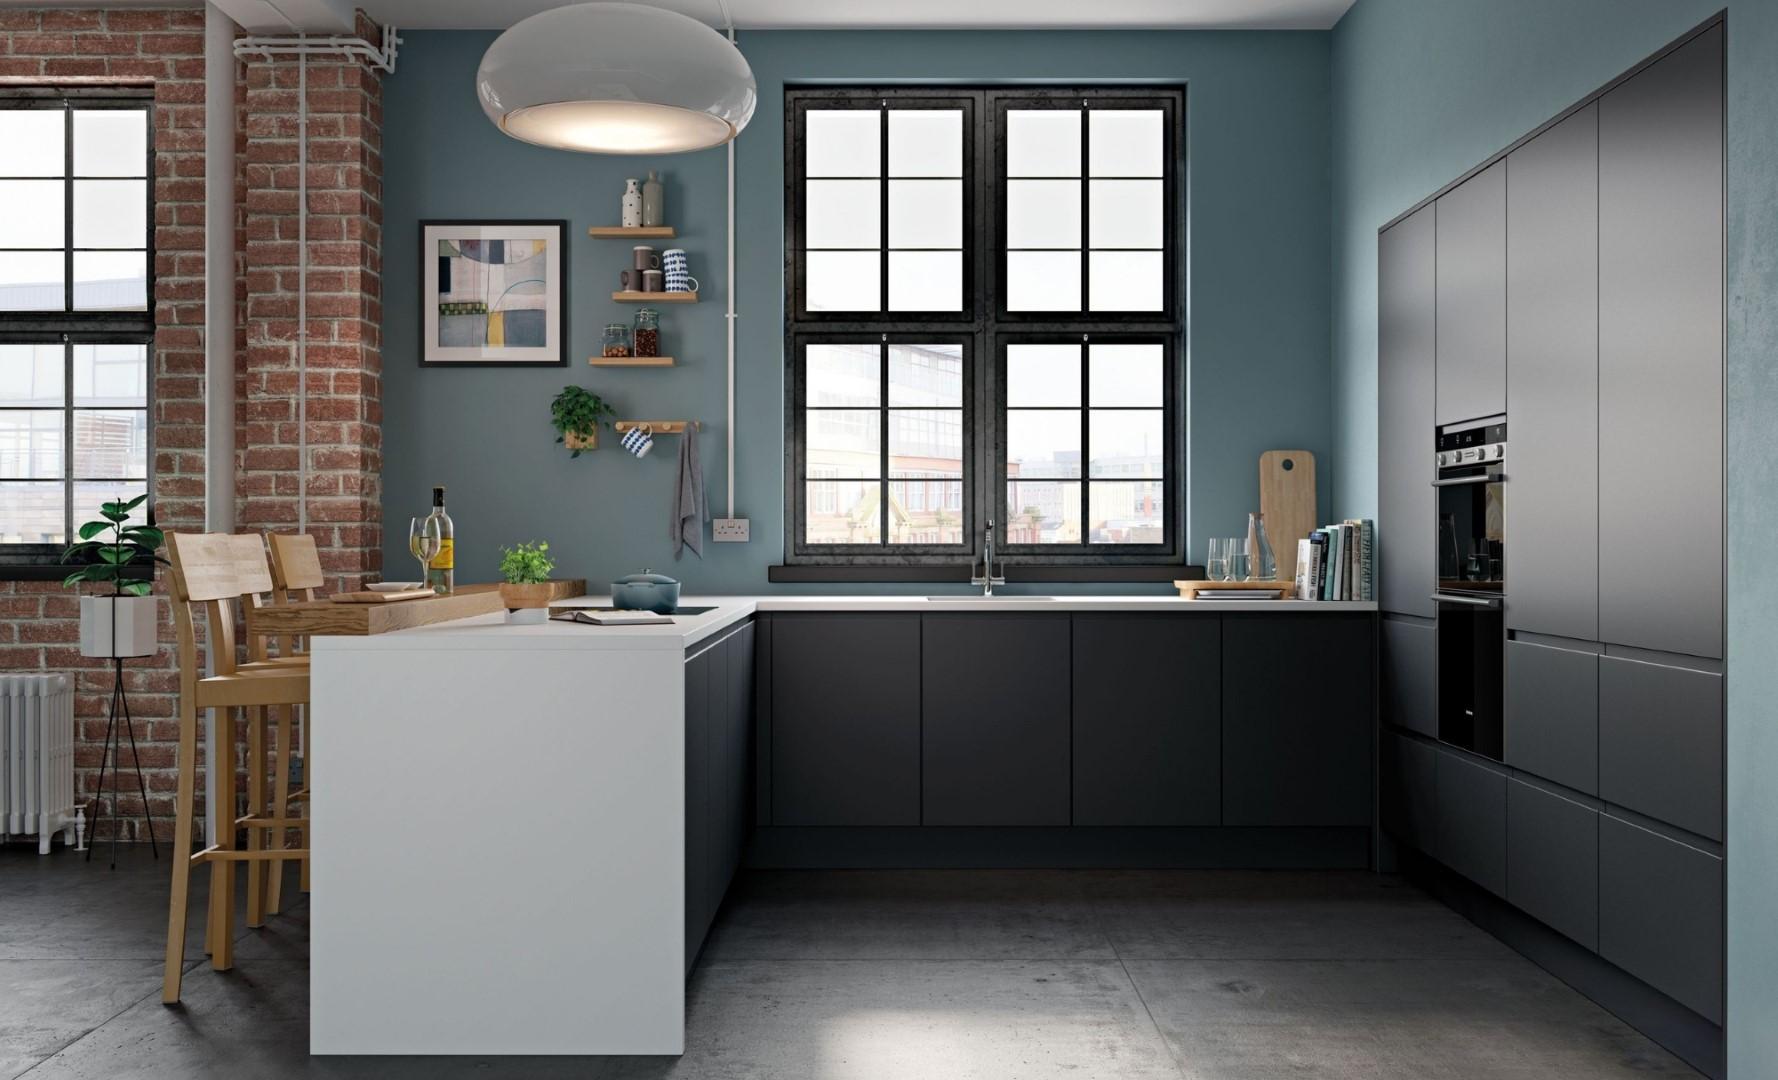 Modern Contemporary Strada Matte Graphite Kitchen - Kitchen Design - Alan Kelly Kitchens - Waterford